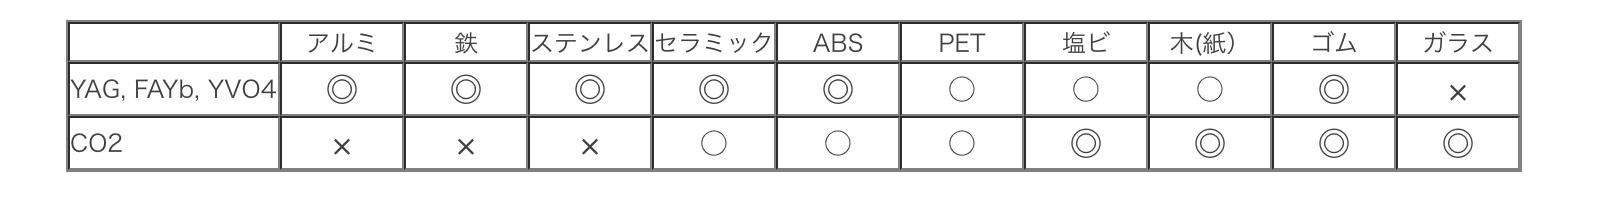 スクリーンショット 2017-01-27 10.17.28